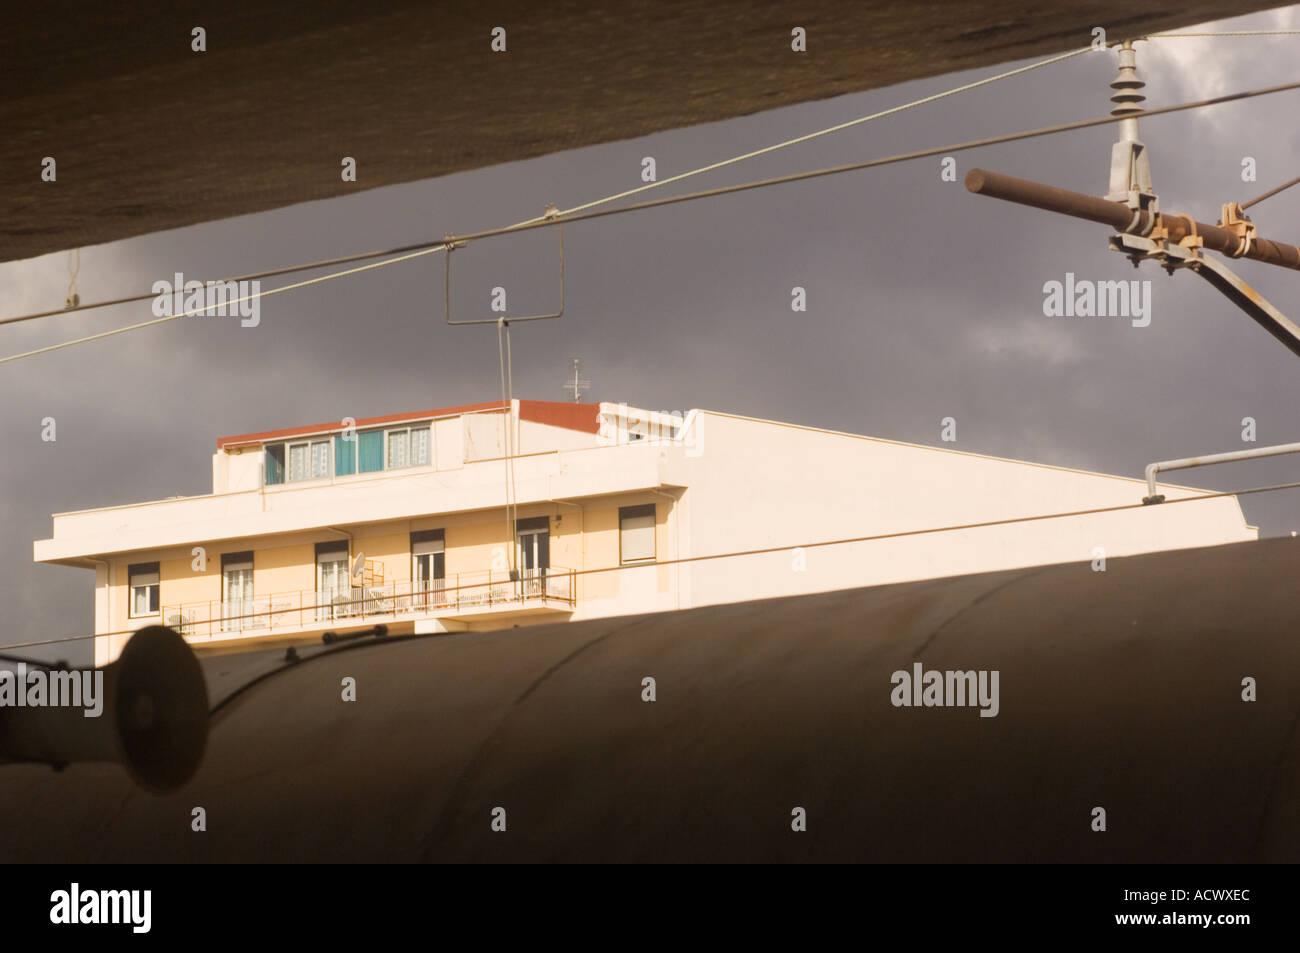 Soleggiato appartamento in Messina Sicilia dalla stazione ferroviaria sopra la parte superiore del tetto del treno e al di sotto del massimale della piattaforma del treno Immagini Stock